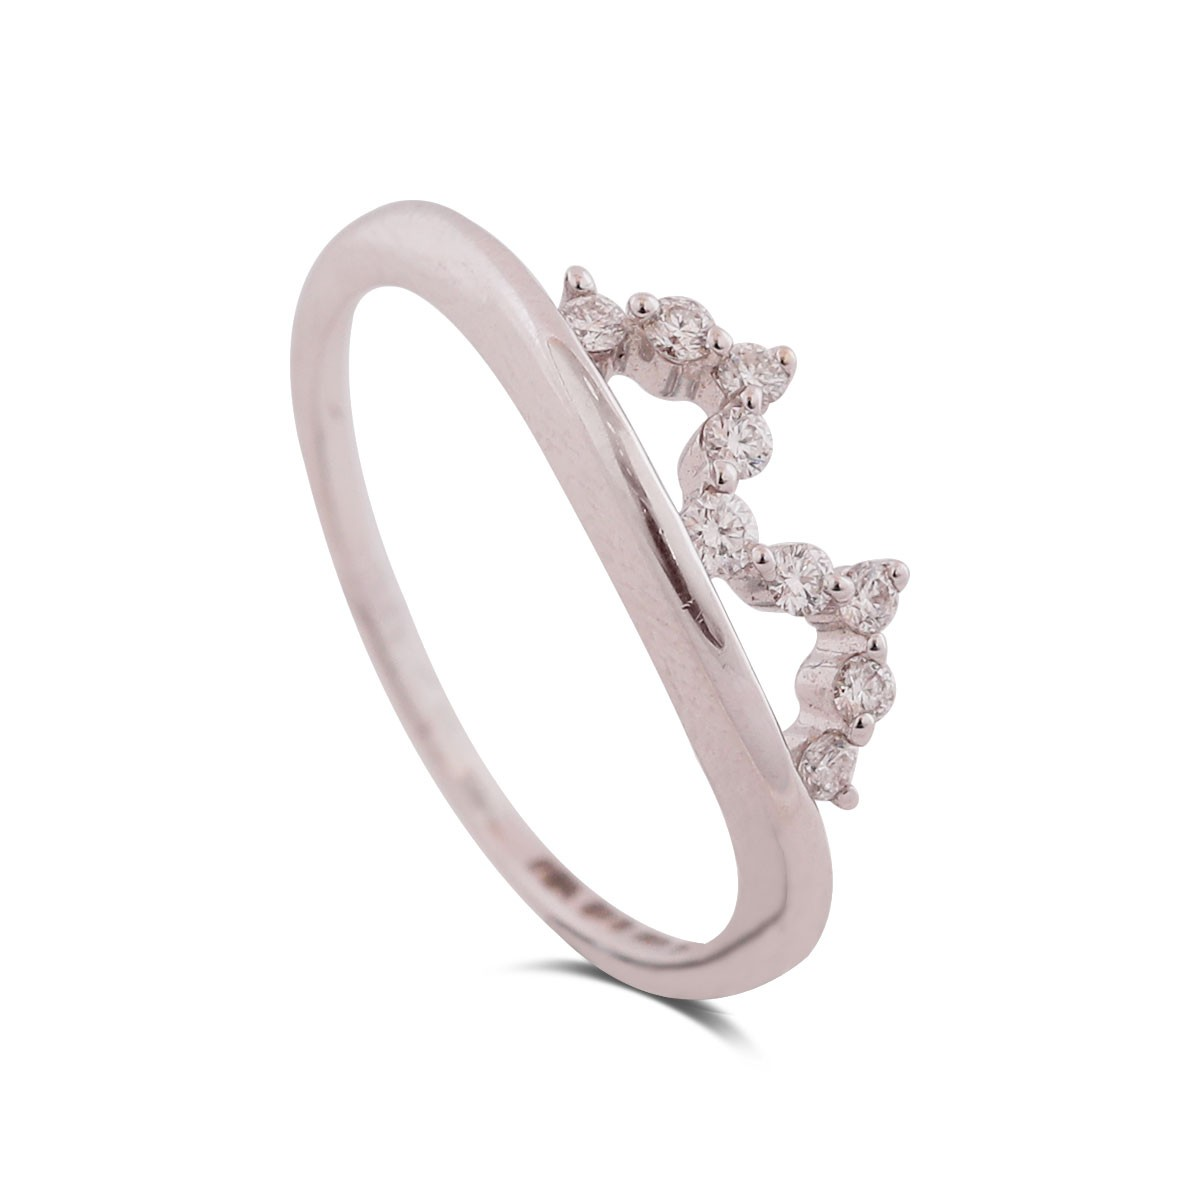 Tiara White Gold Diamond Ring